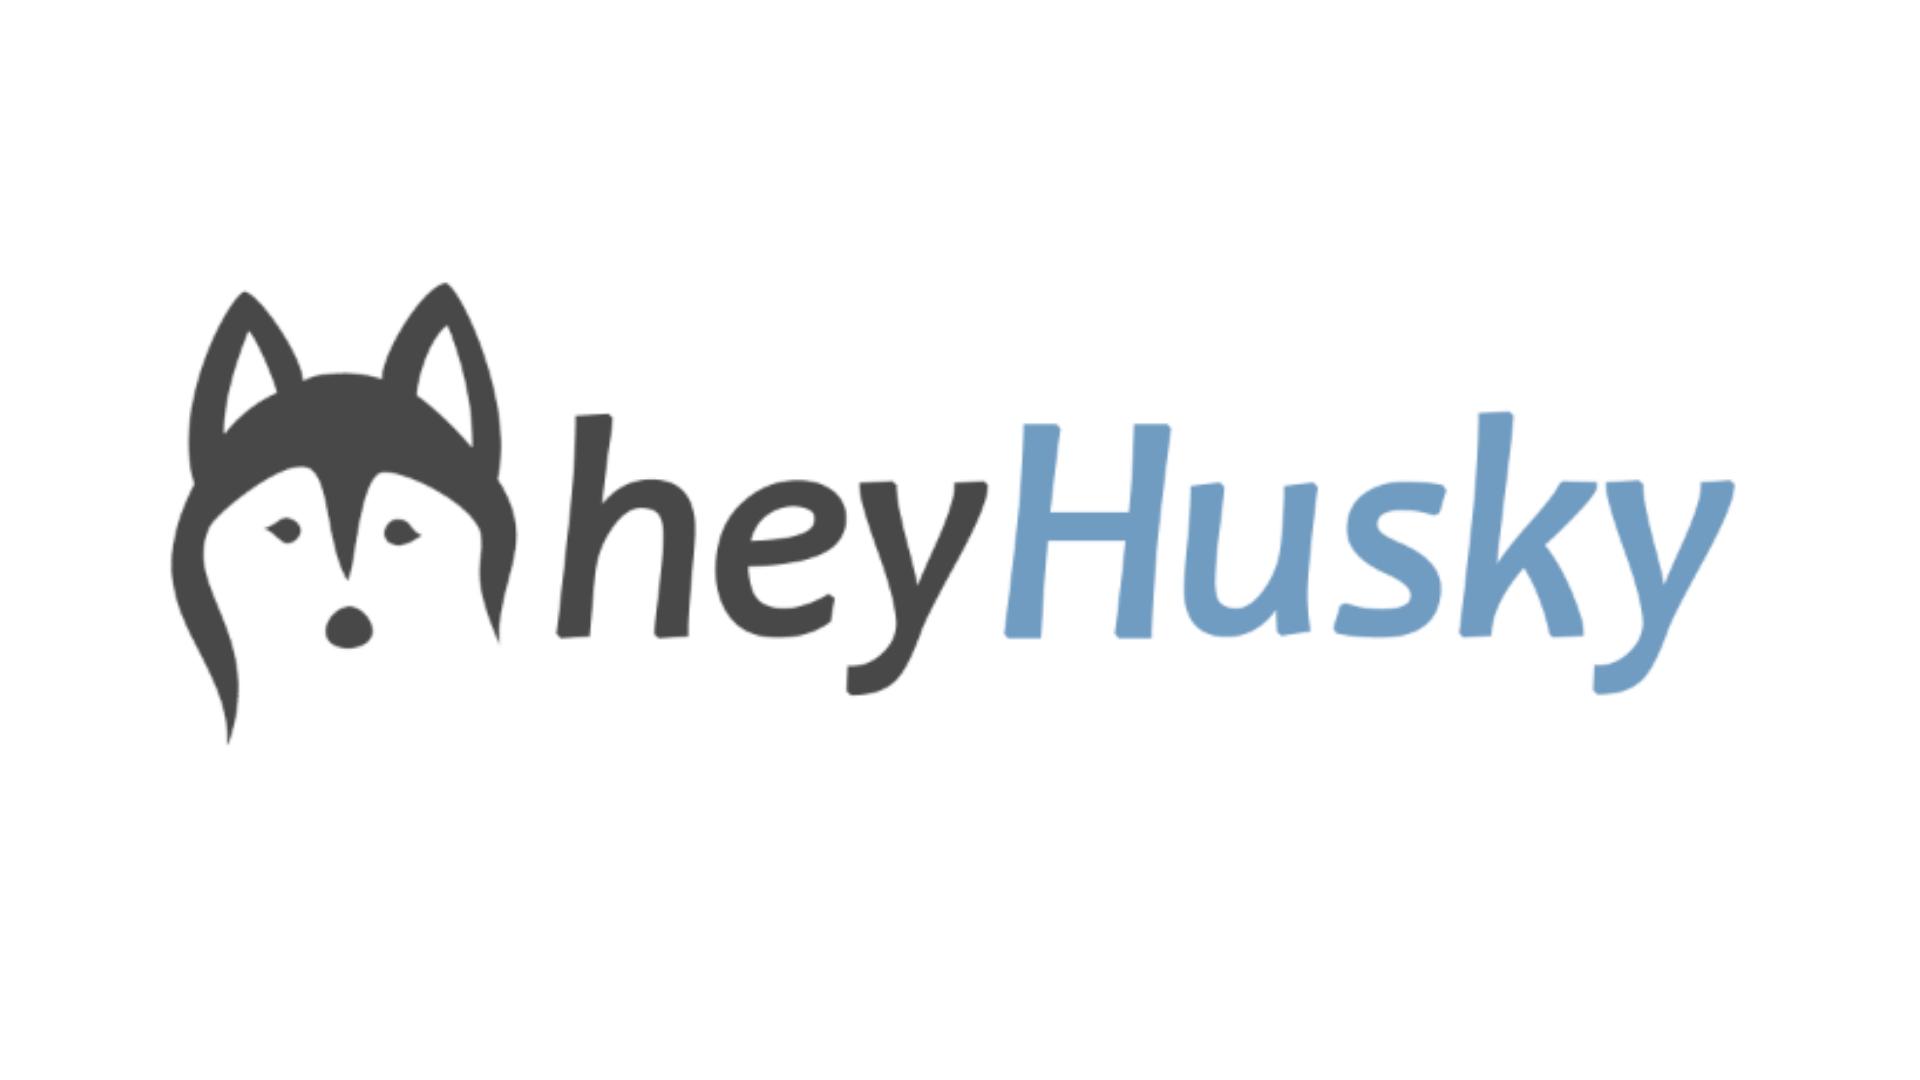 Hey Husky